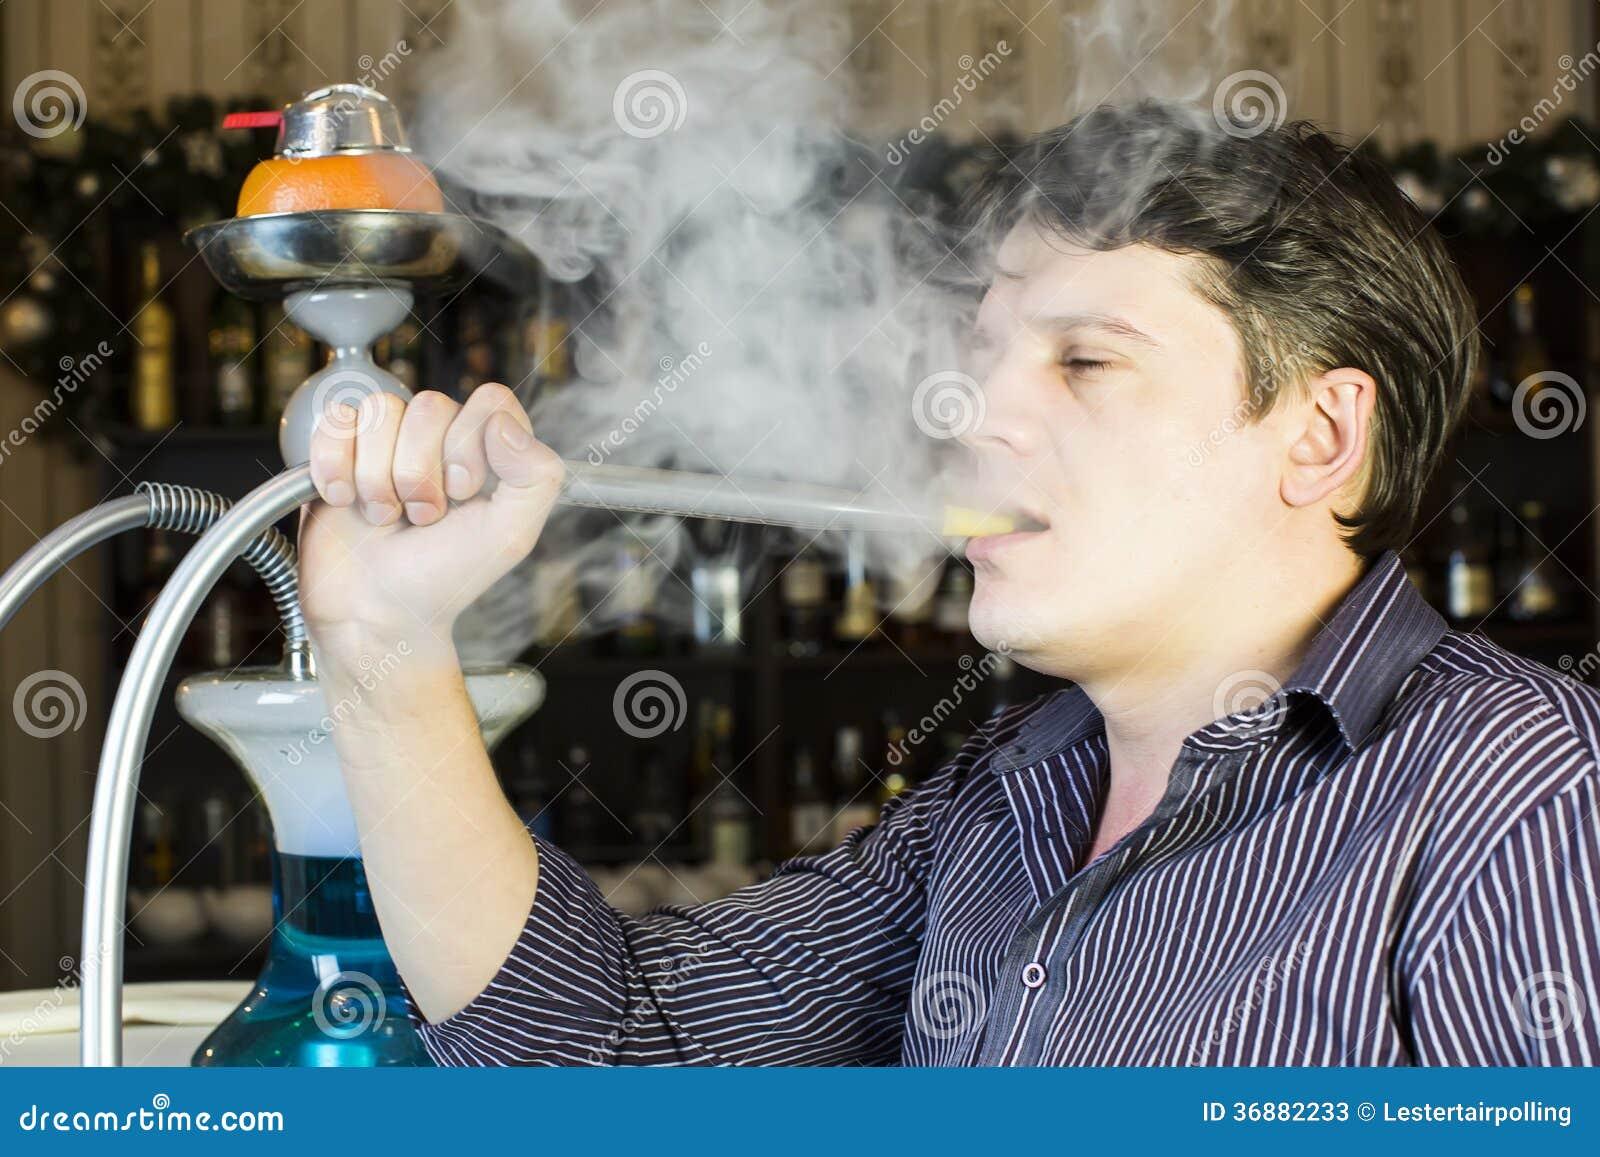 Download L'uomo fuma un narghilé immagine stock. Immagine di vapore - 36882233